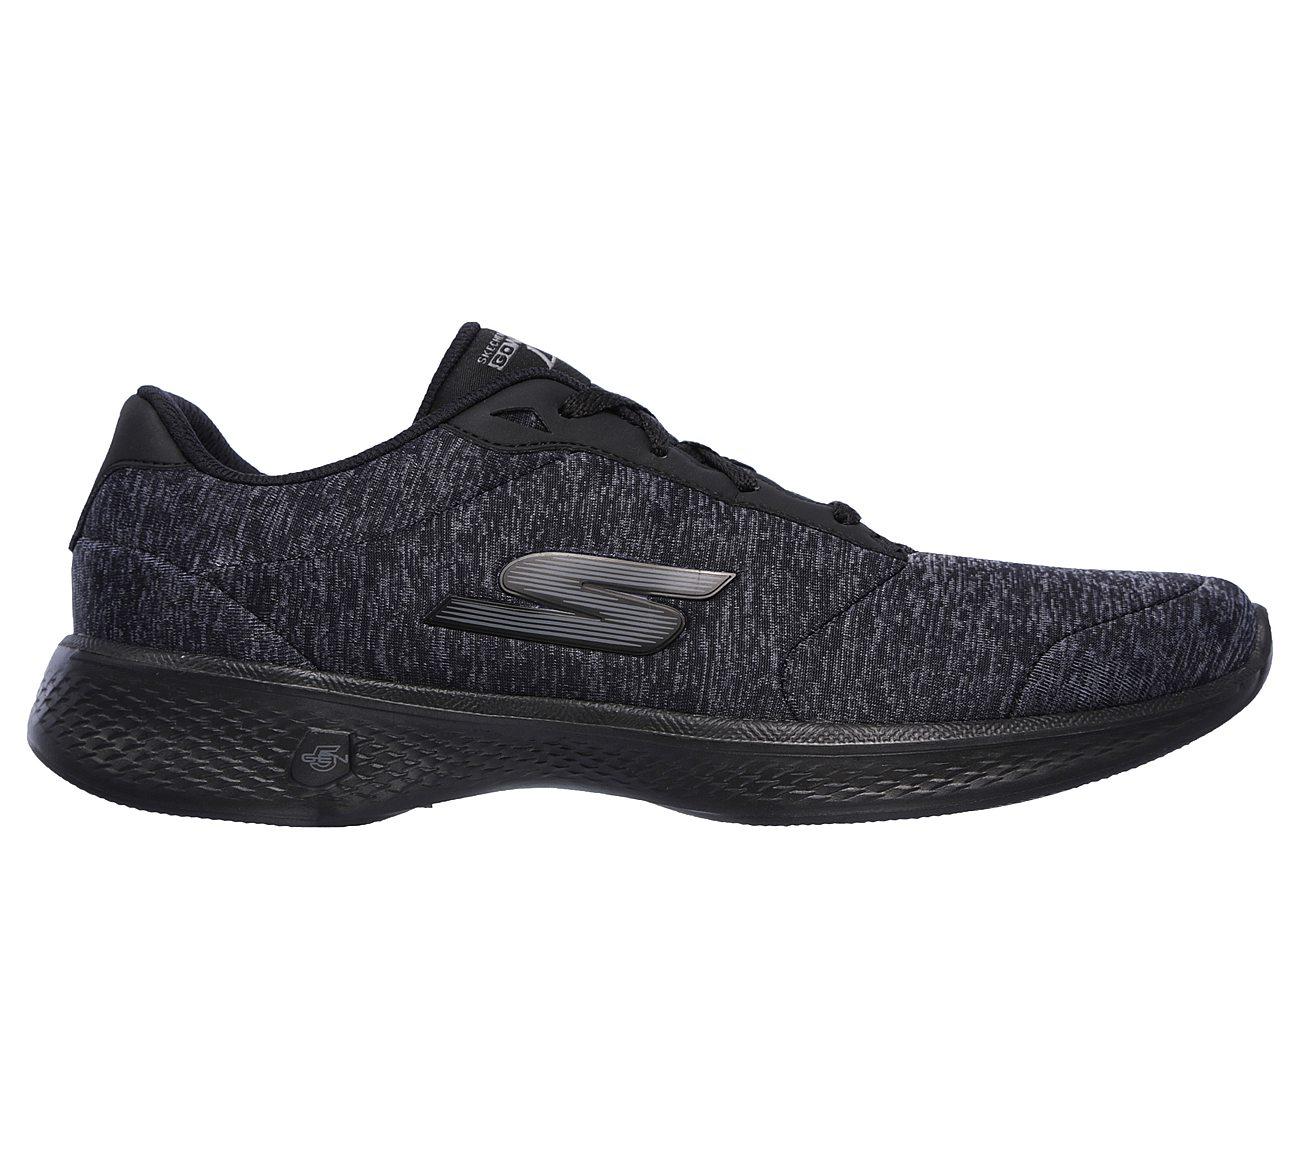 3f83b689dbe Exclusive SKECHERS Mulheres shoes - SKECHERS Brasil